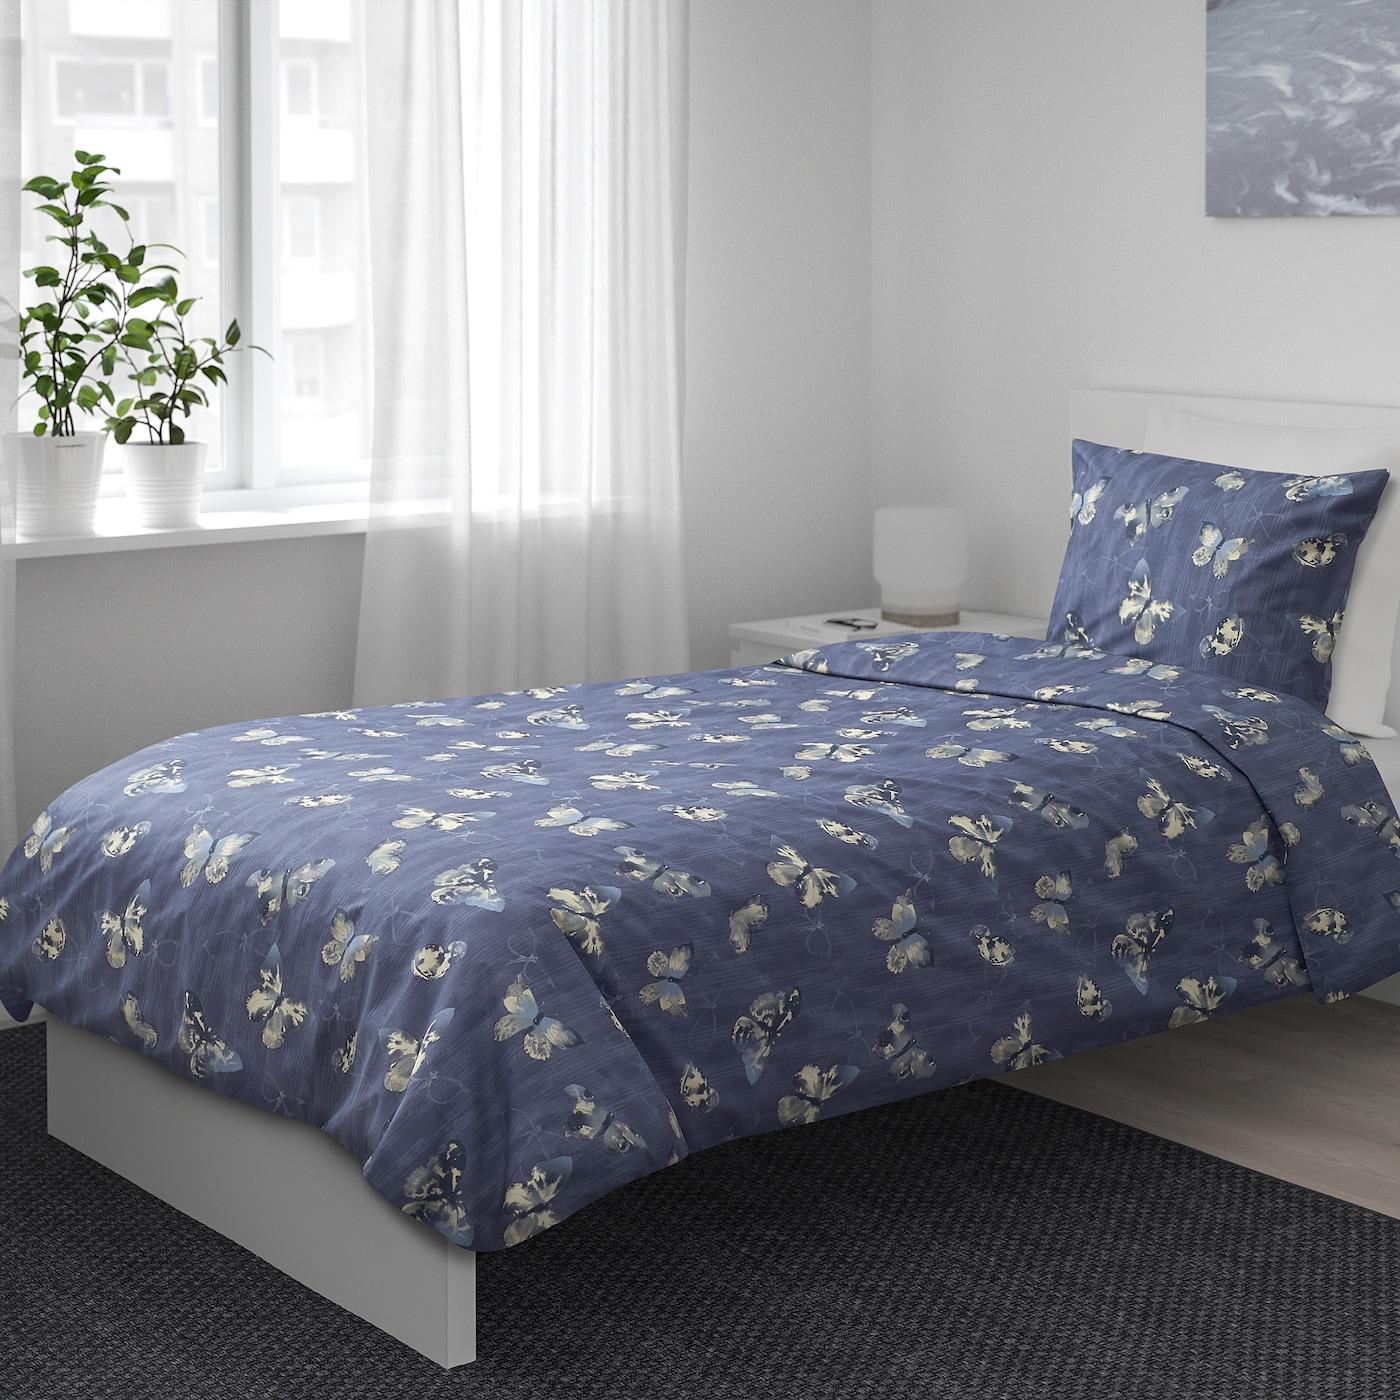 Bergkarel Bettwascheset 2 Teilig Dunkelblau Schmetterling Ikea Osterreich